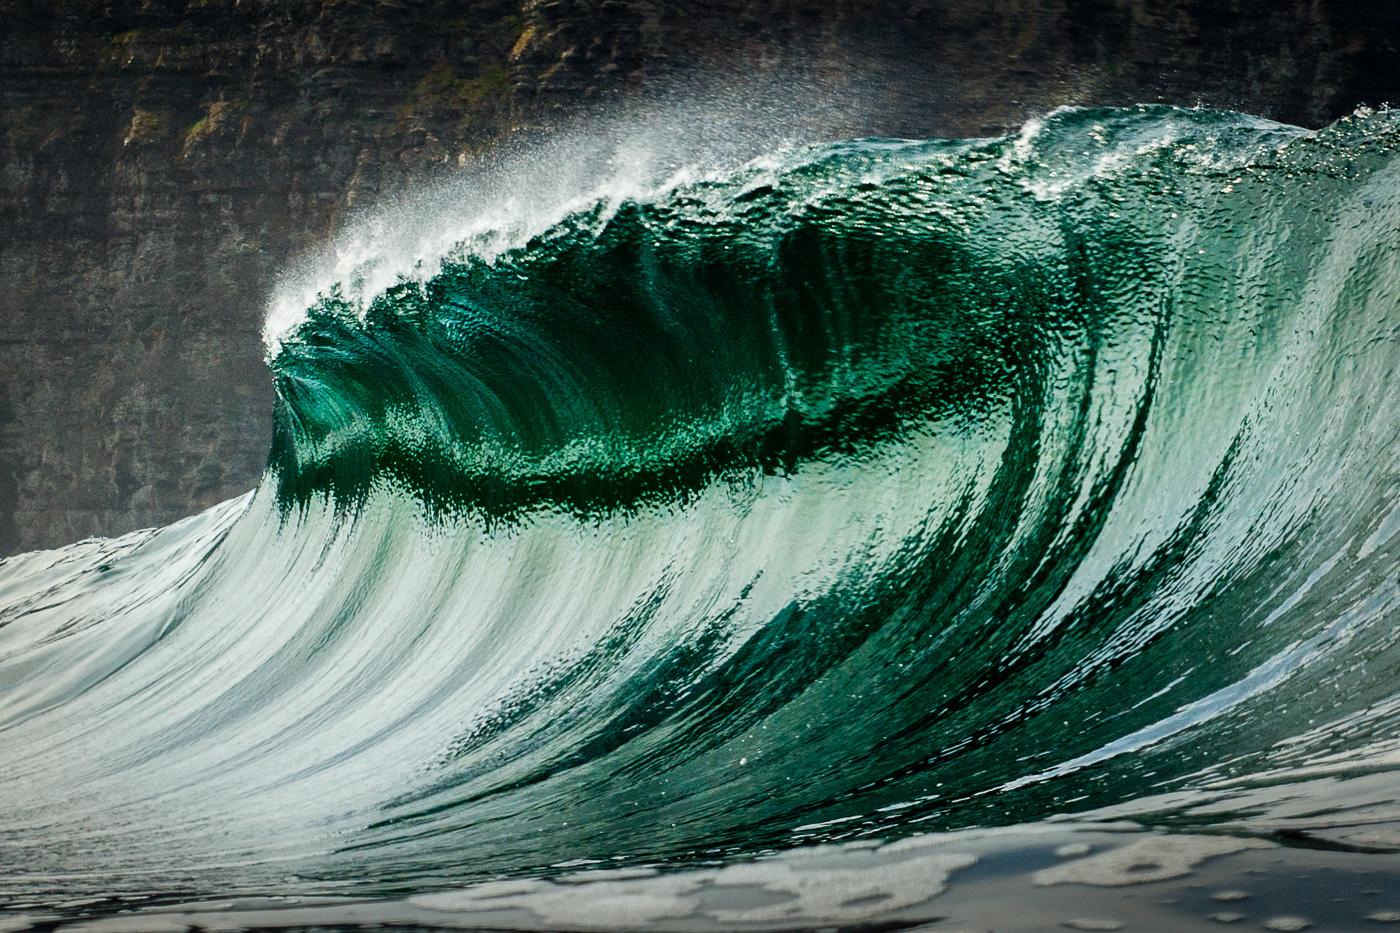 jacking up wave ireland